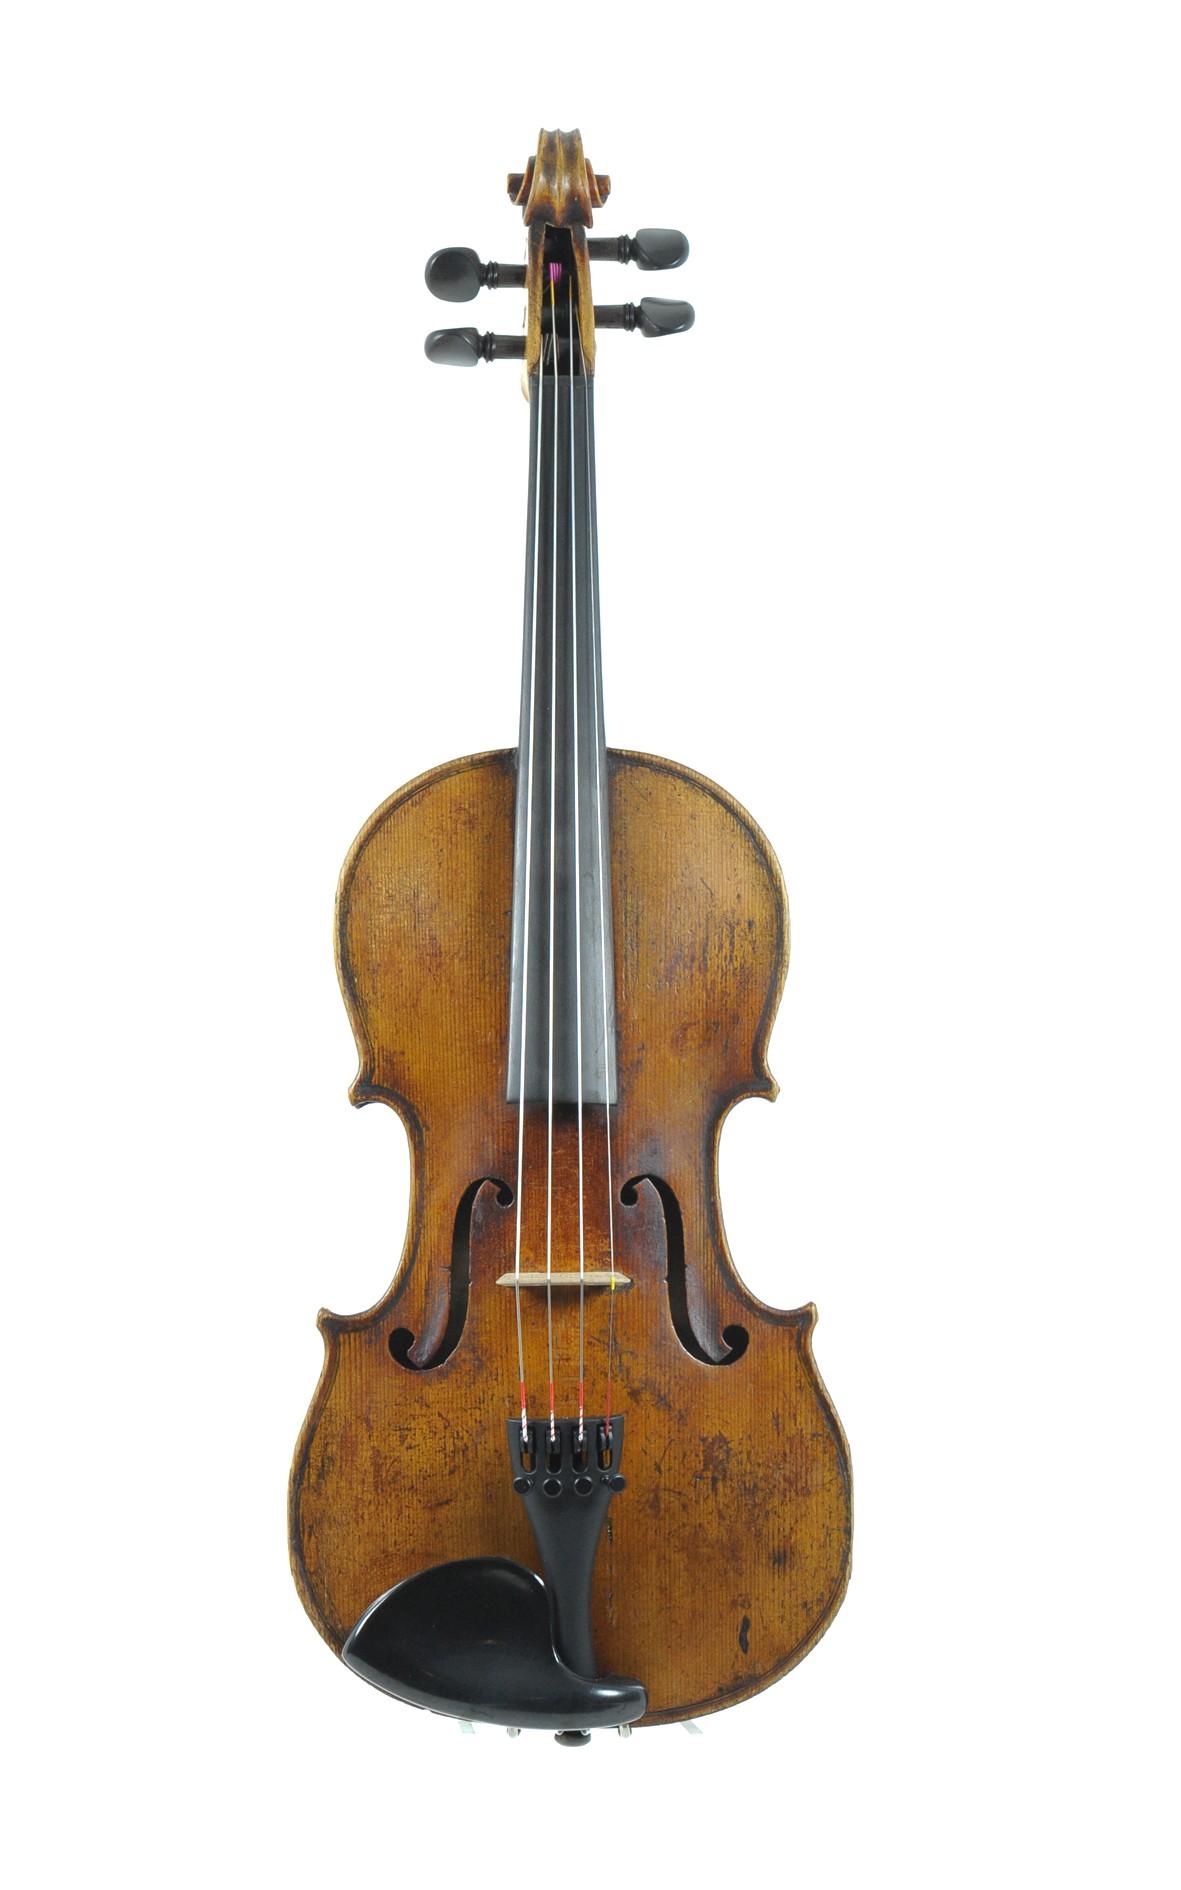 Französische 3/4 Geige, um 1900 - Vorderansicht